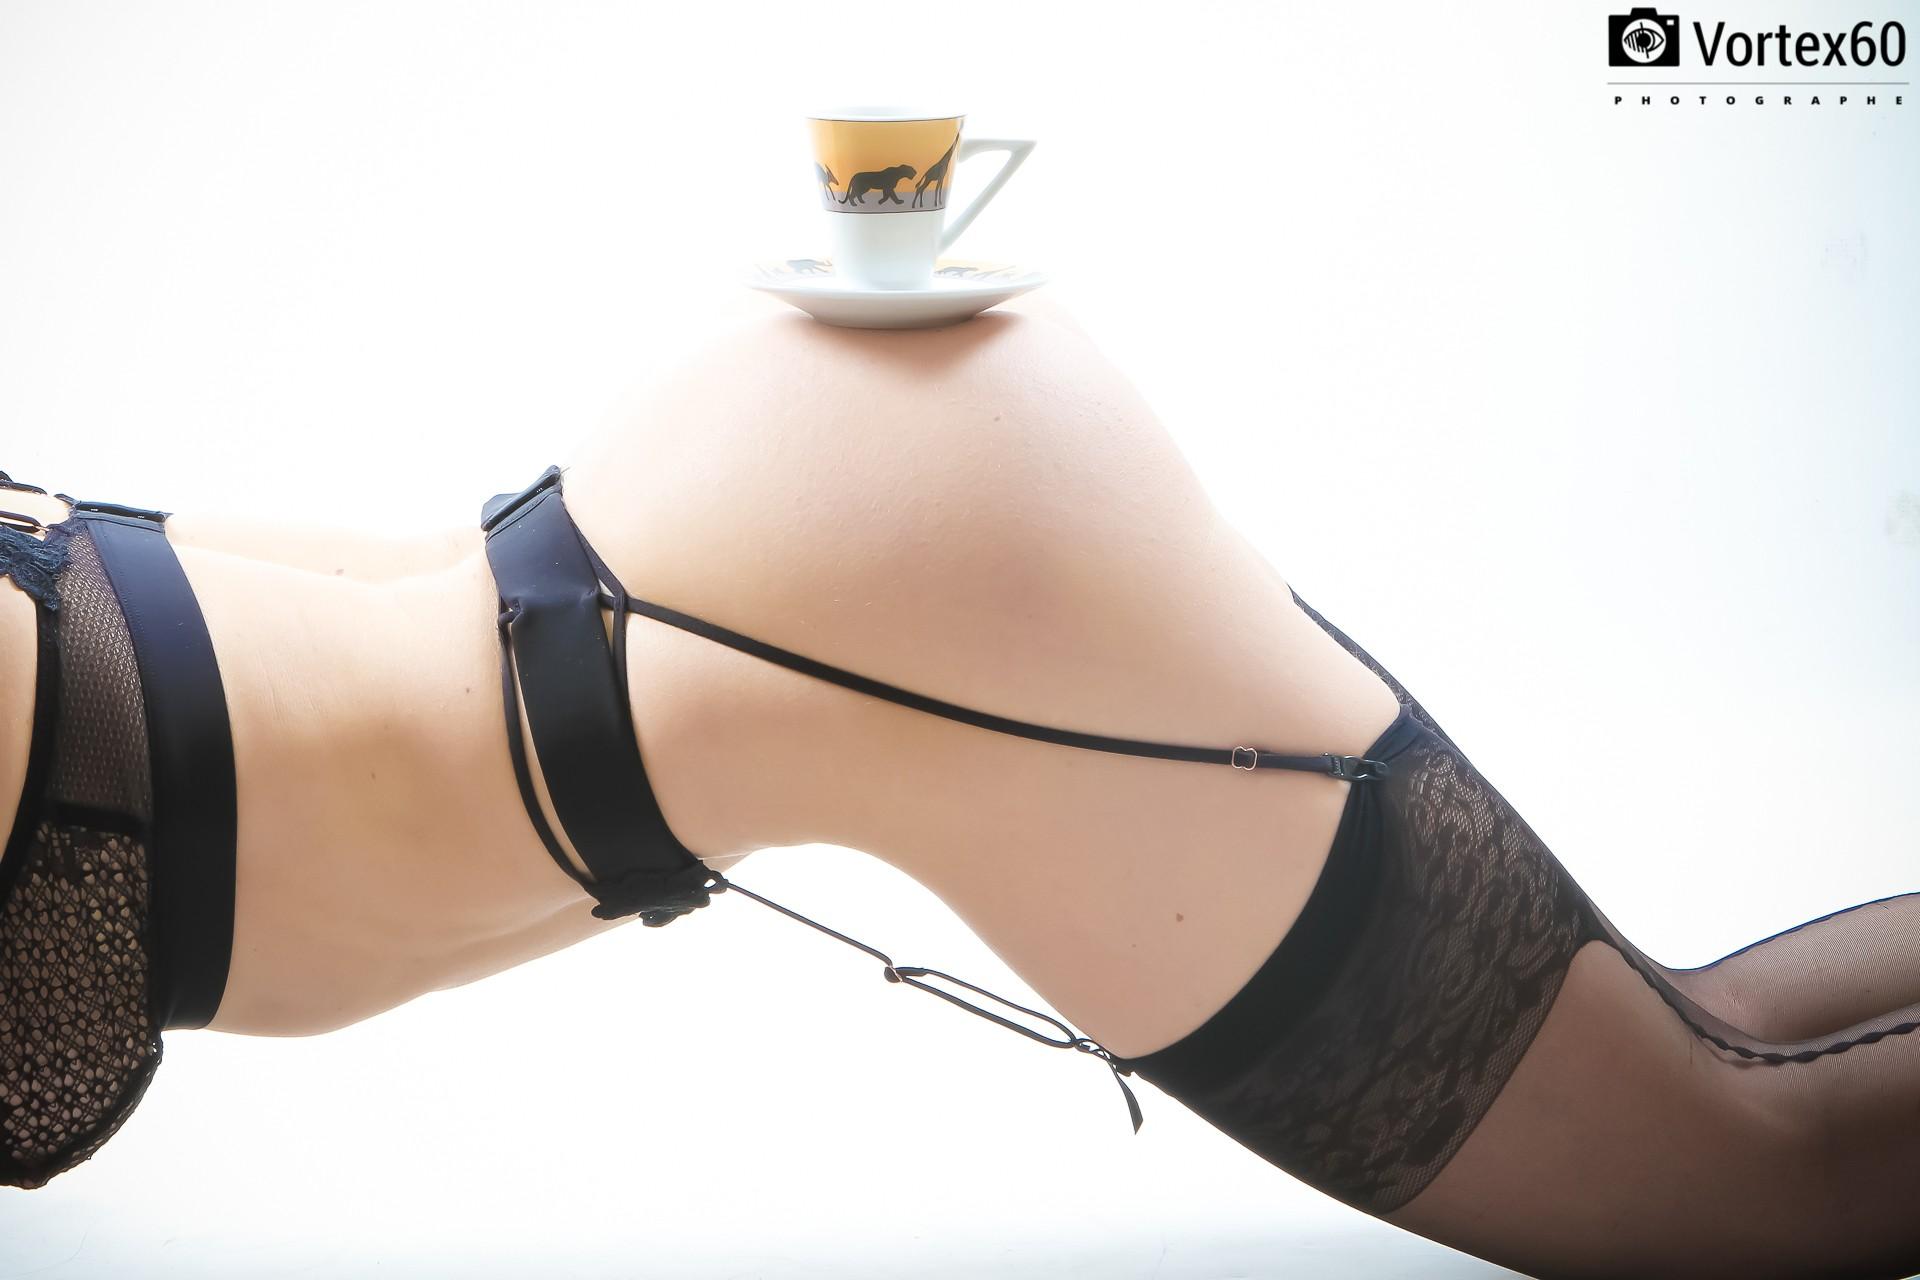 Une pose s'impose ... café by vortex60 photographe